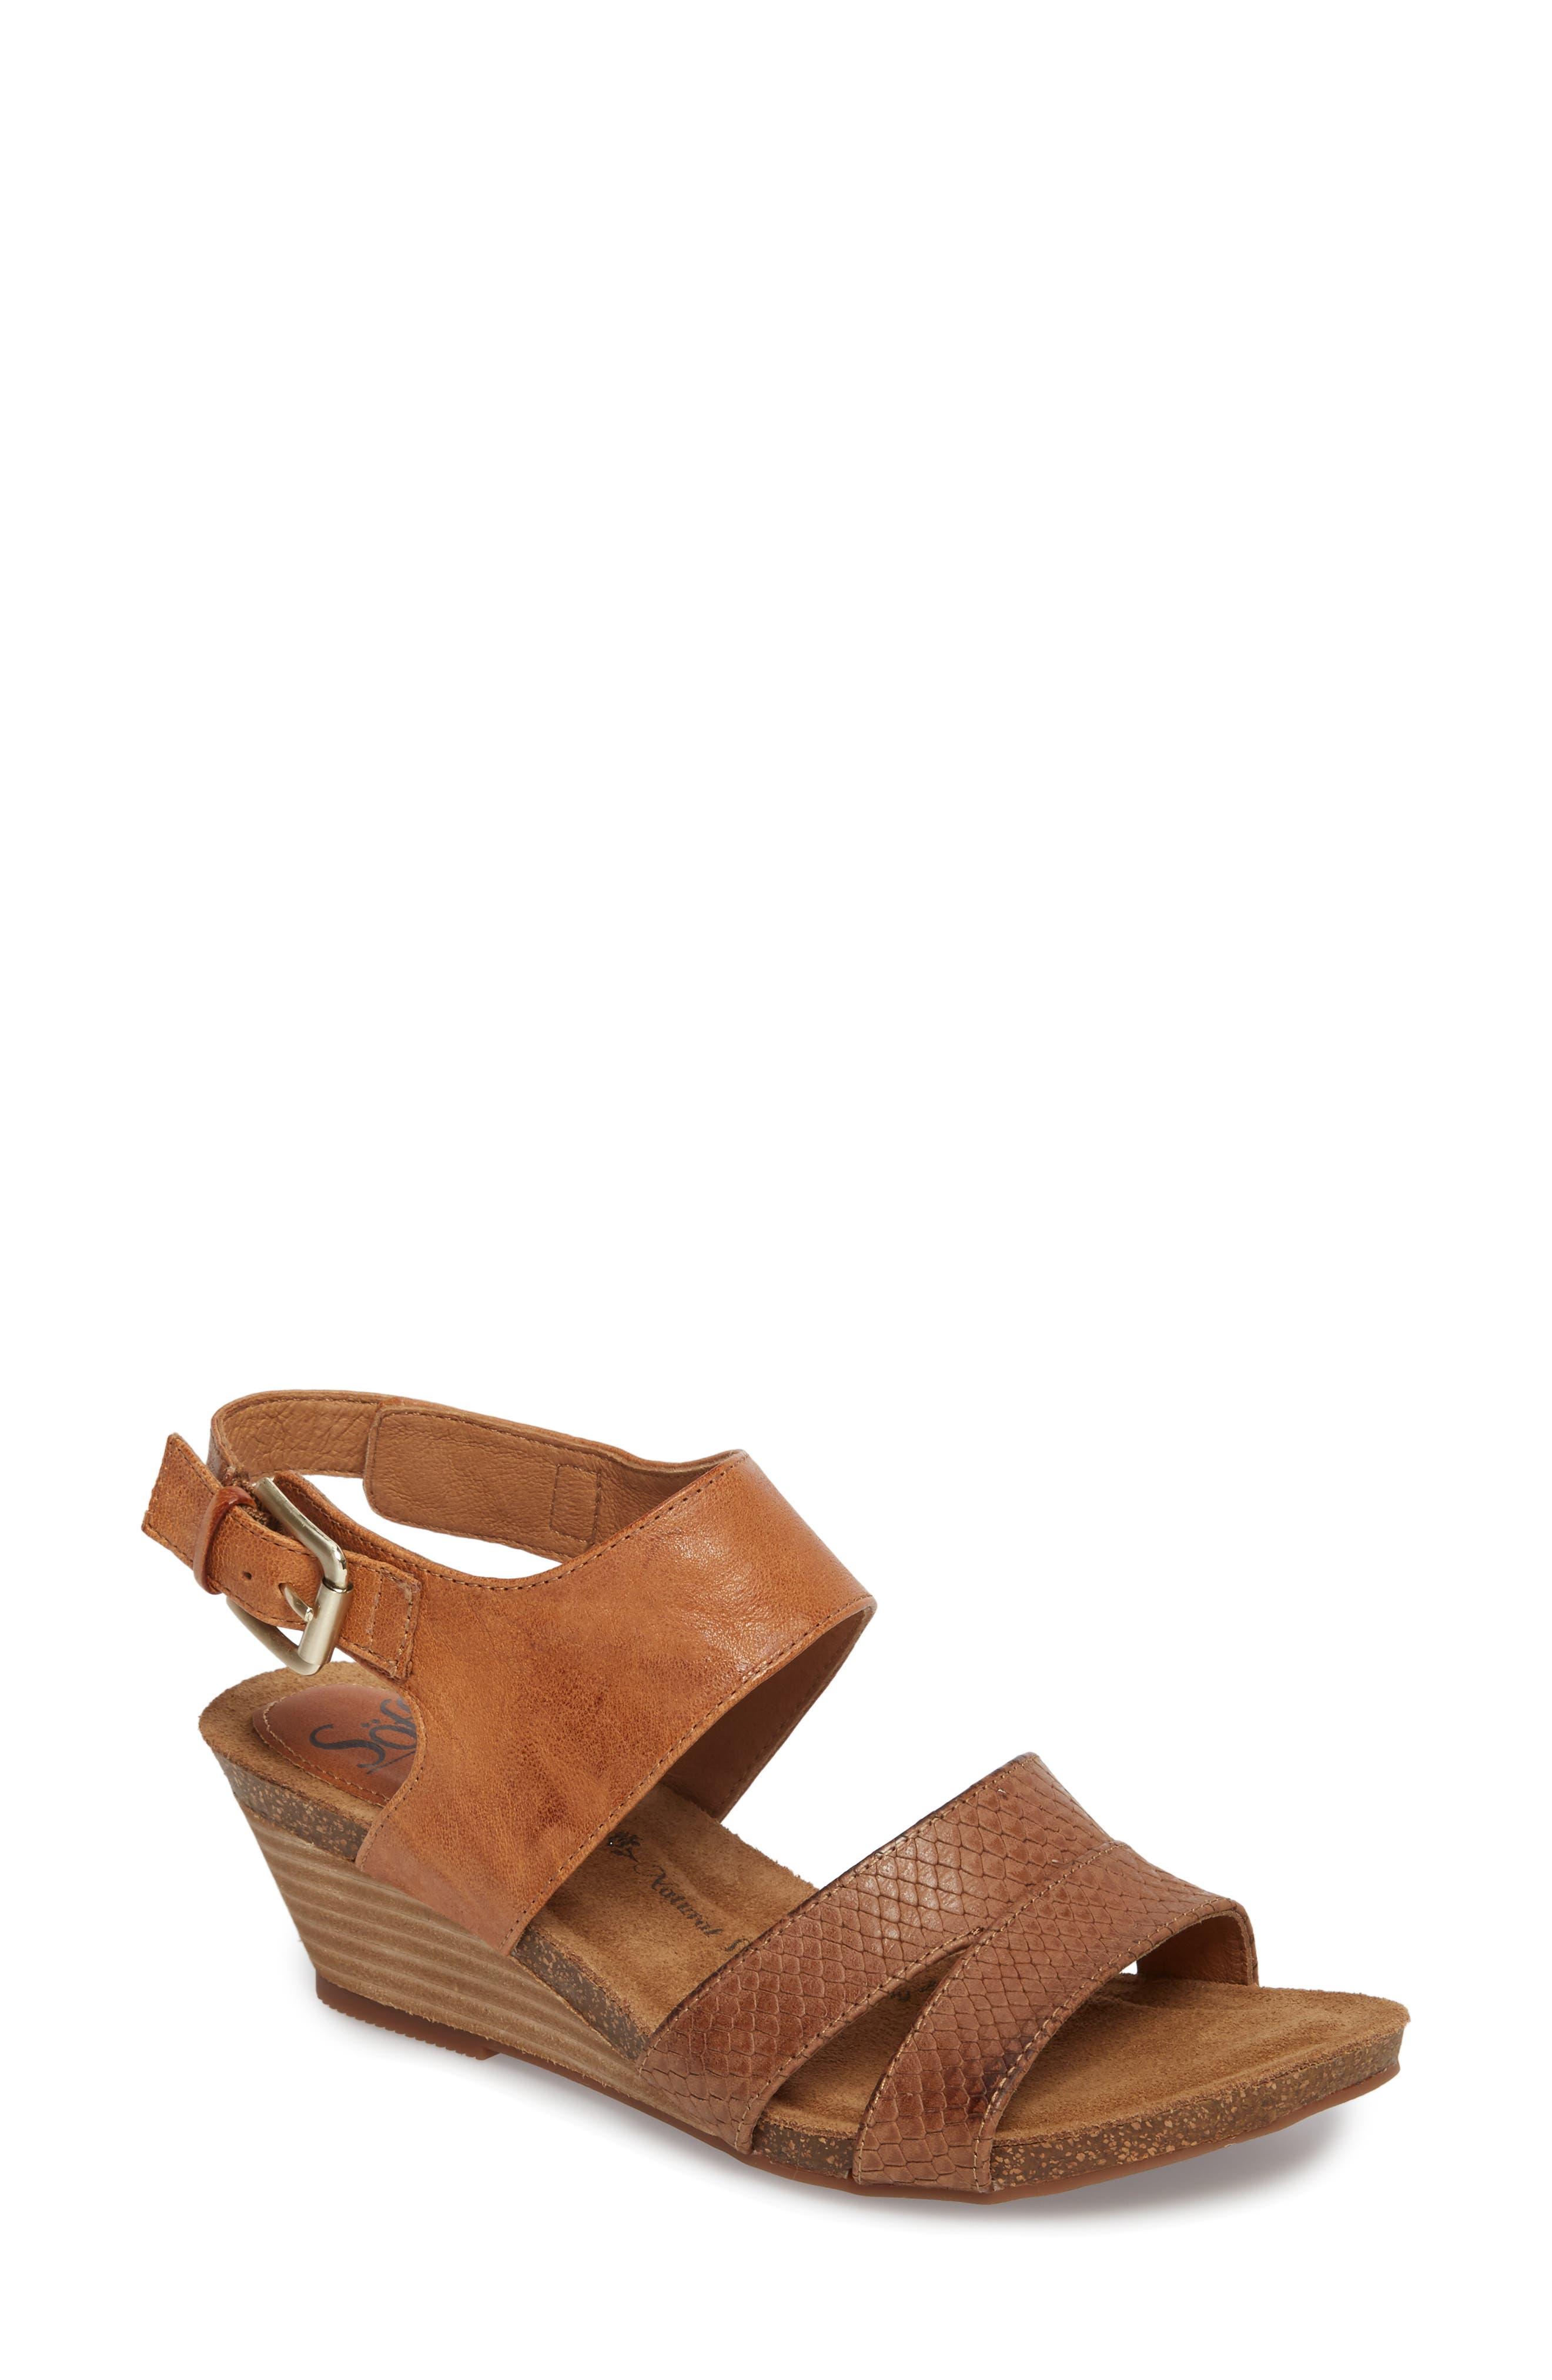 Velden Wedge Sandal,                             Main thumbnail 3, color,